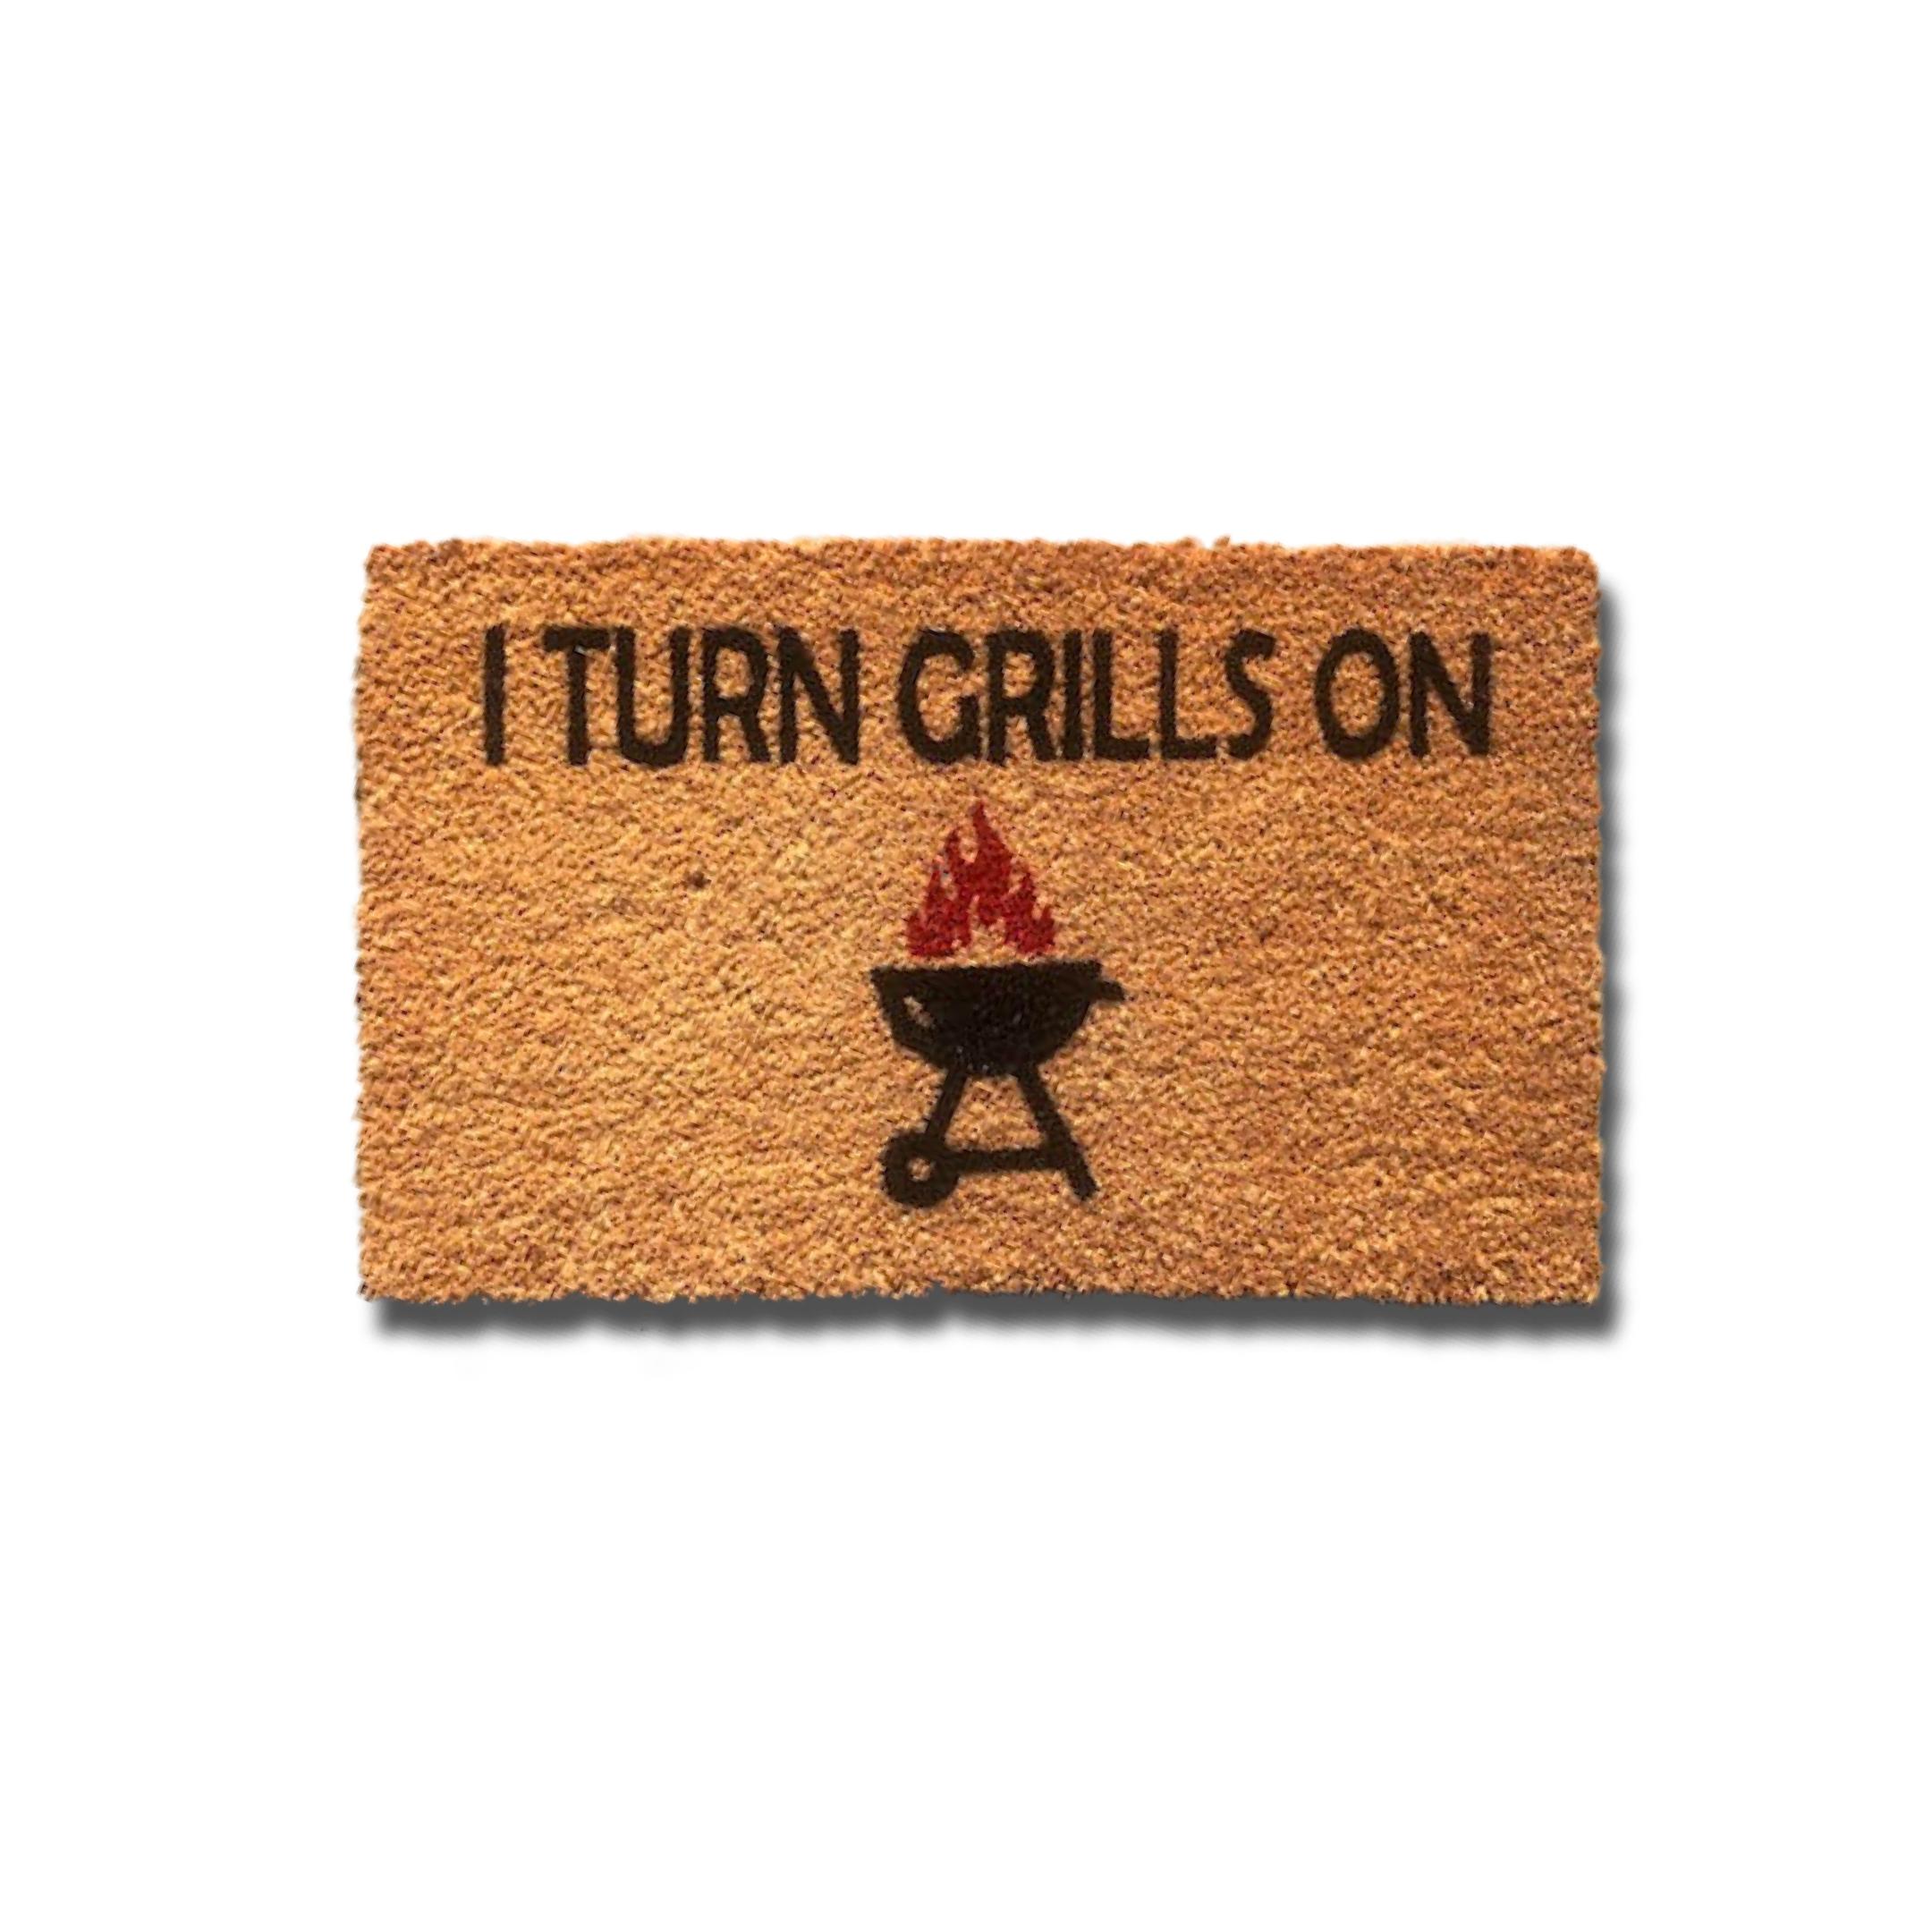 Matnifique Coir Doormat - Turn Grills On Design 700 x 400 x 14mm